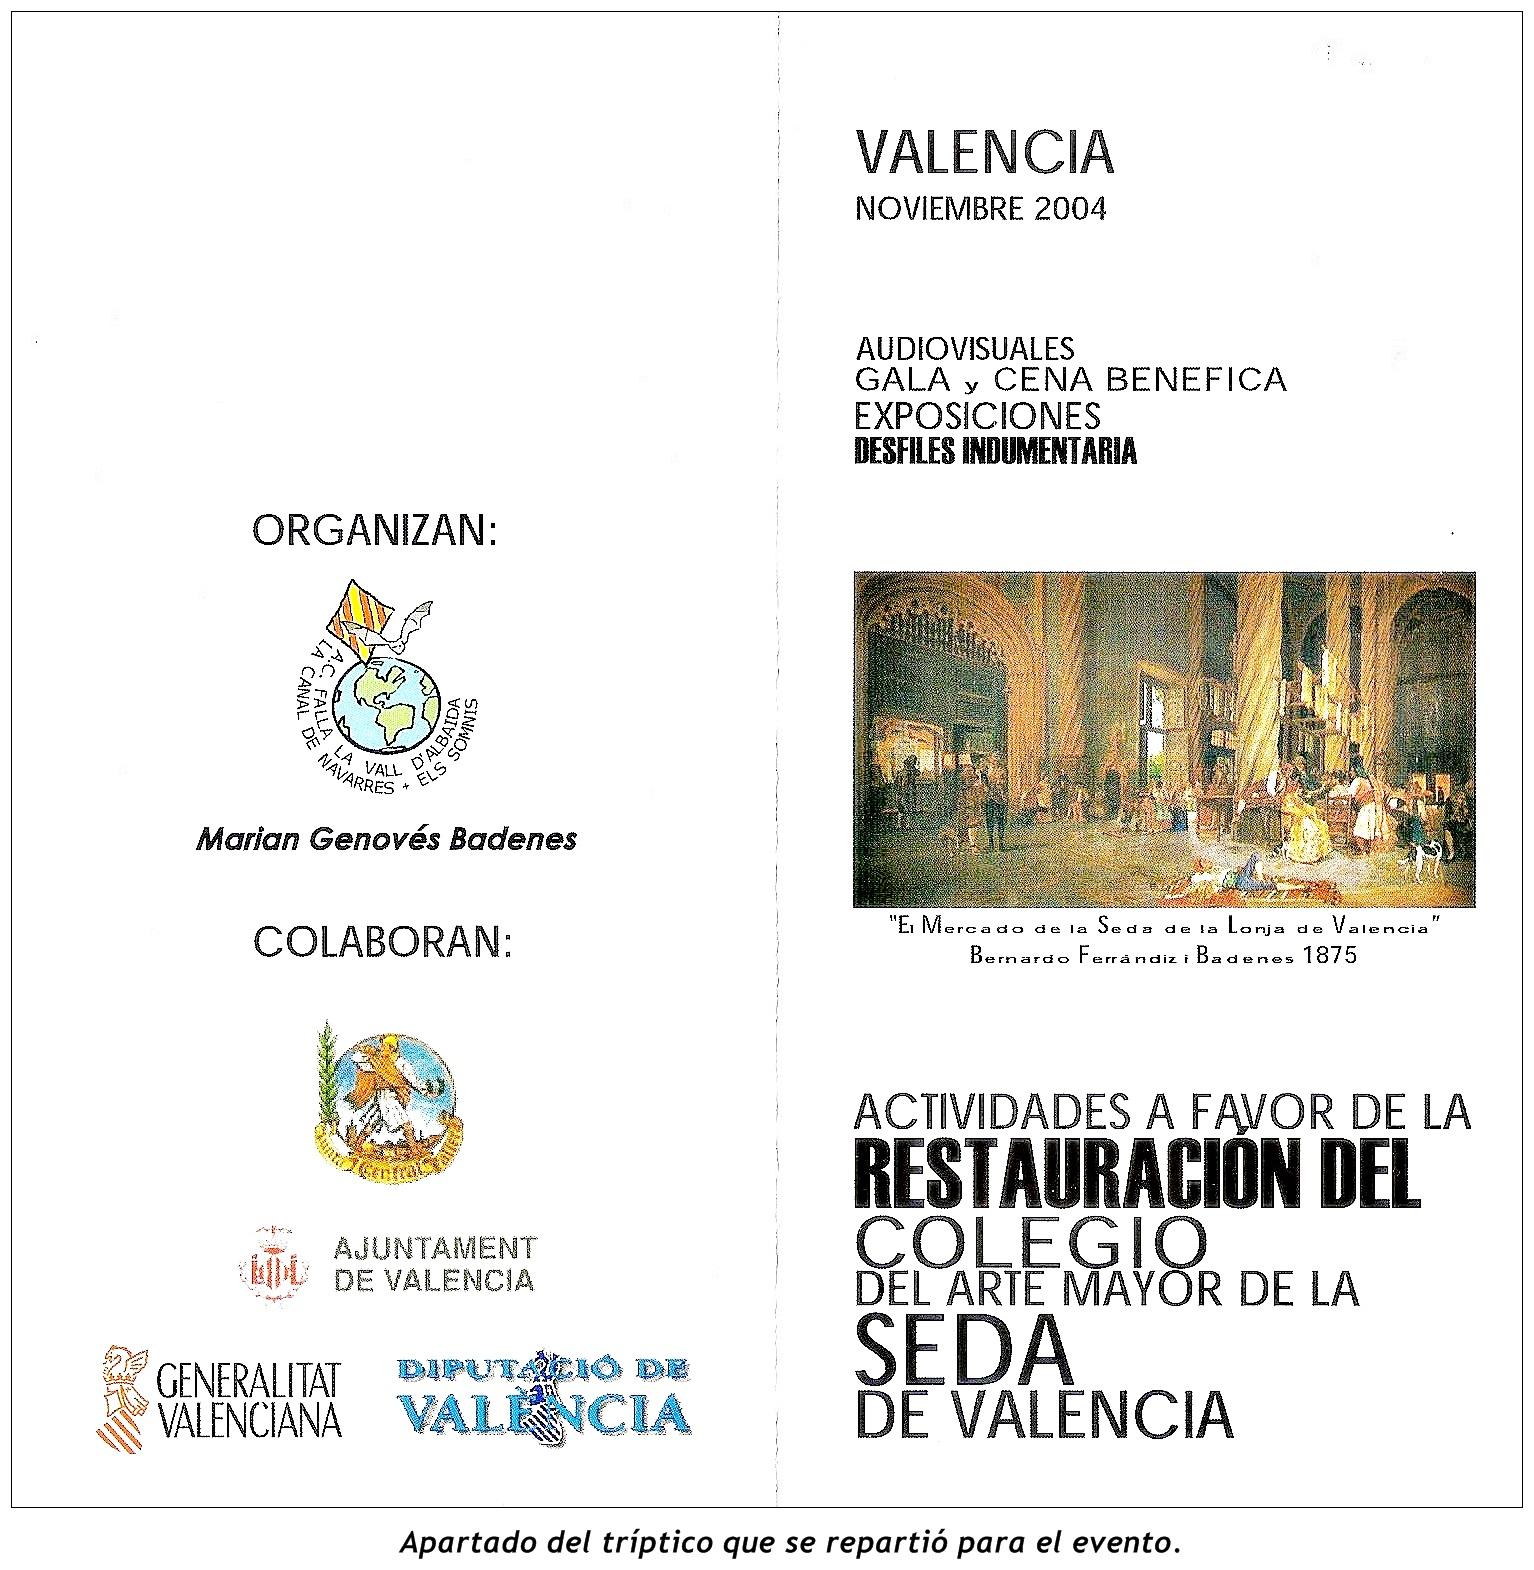 Con idéntica finalidad promover y recoger fondos para la restauraci³n de nuestro simb³lico Colegio Mayor del Arte de la Seda En 2012 realizamos un